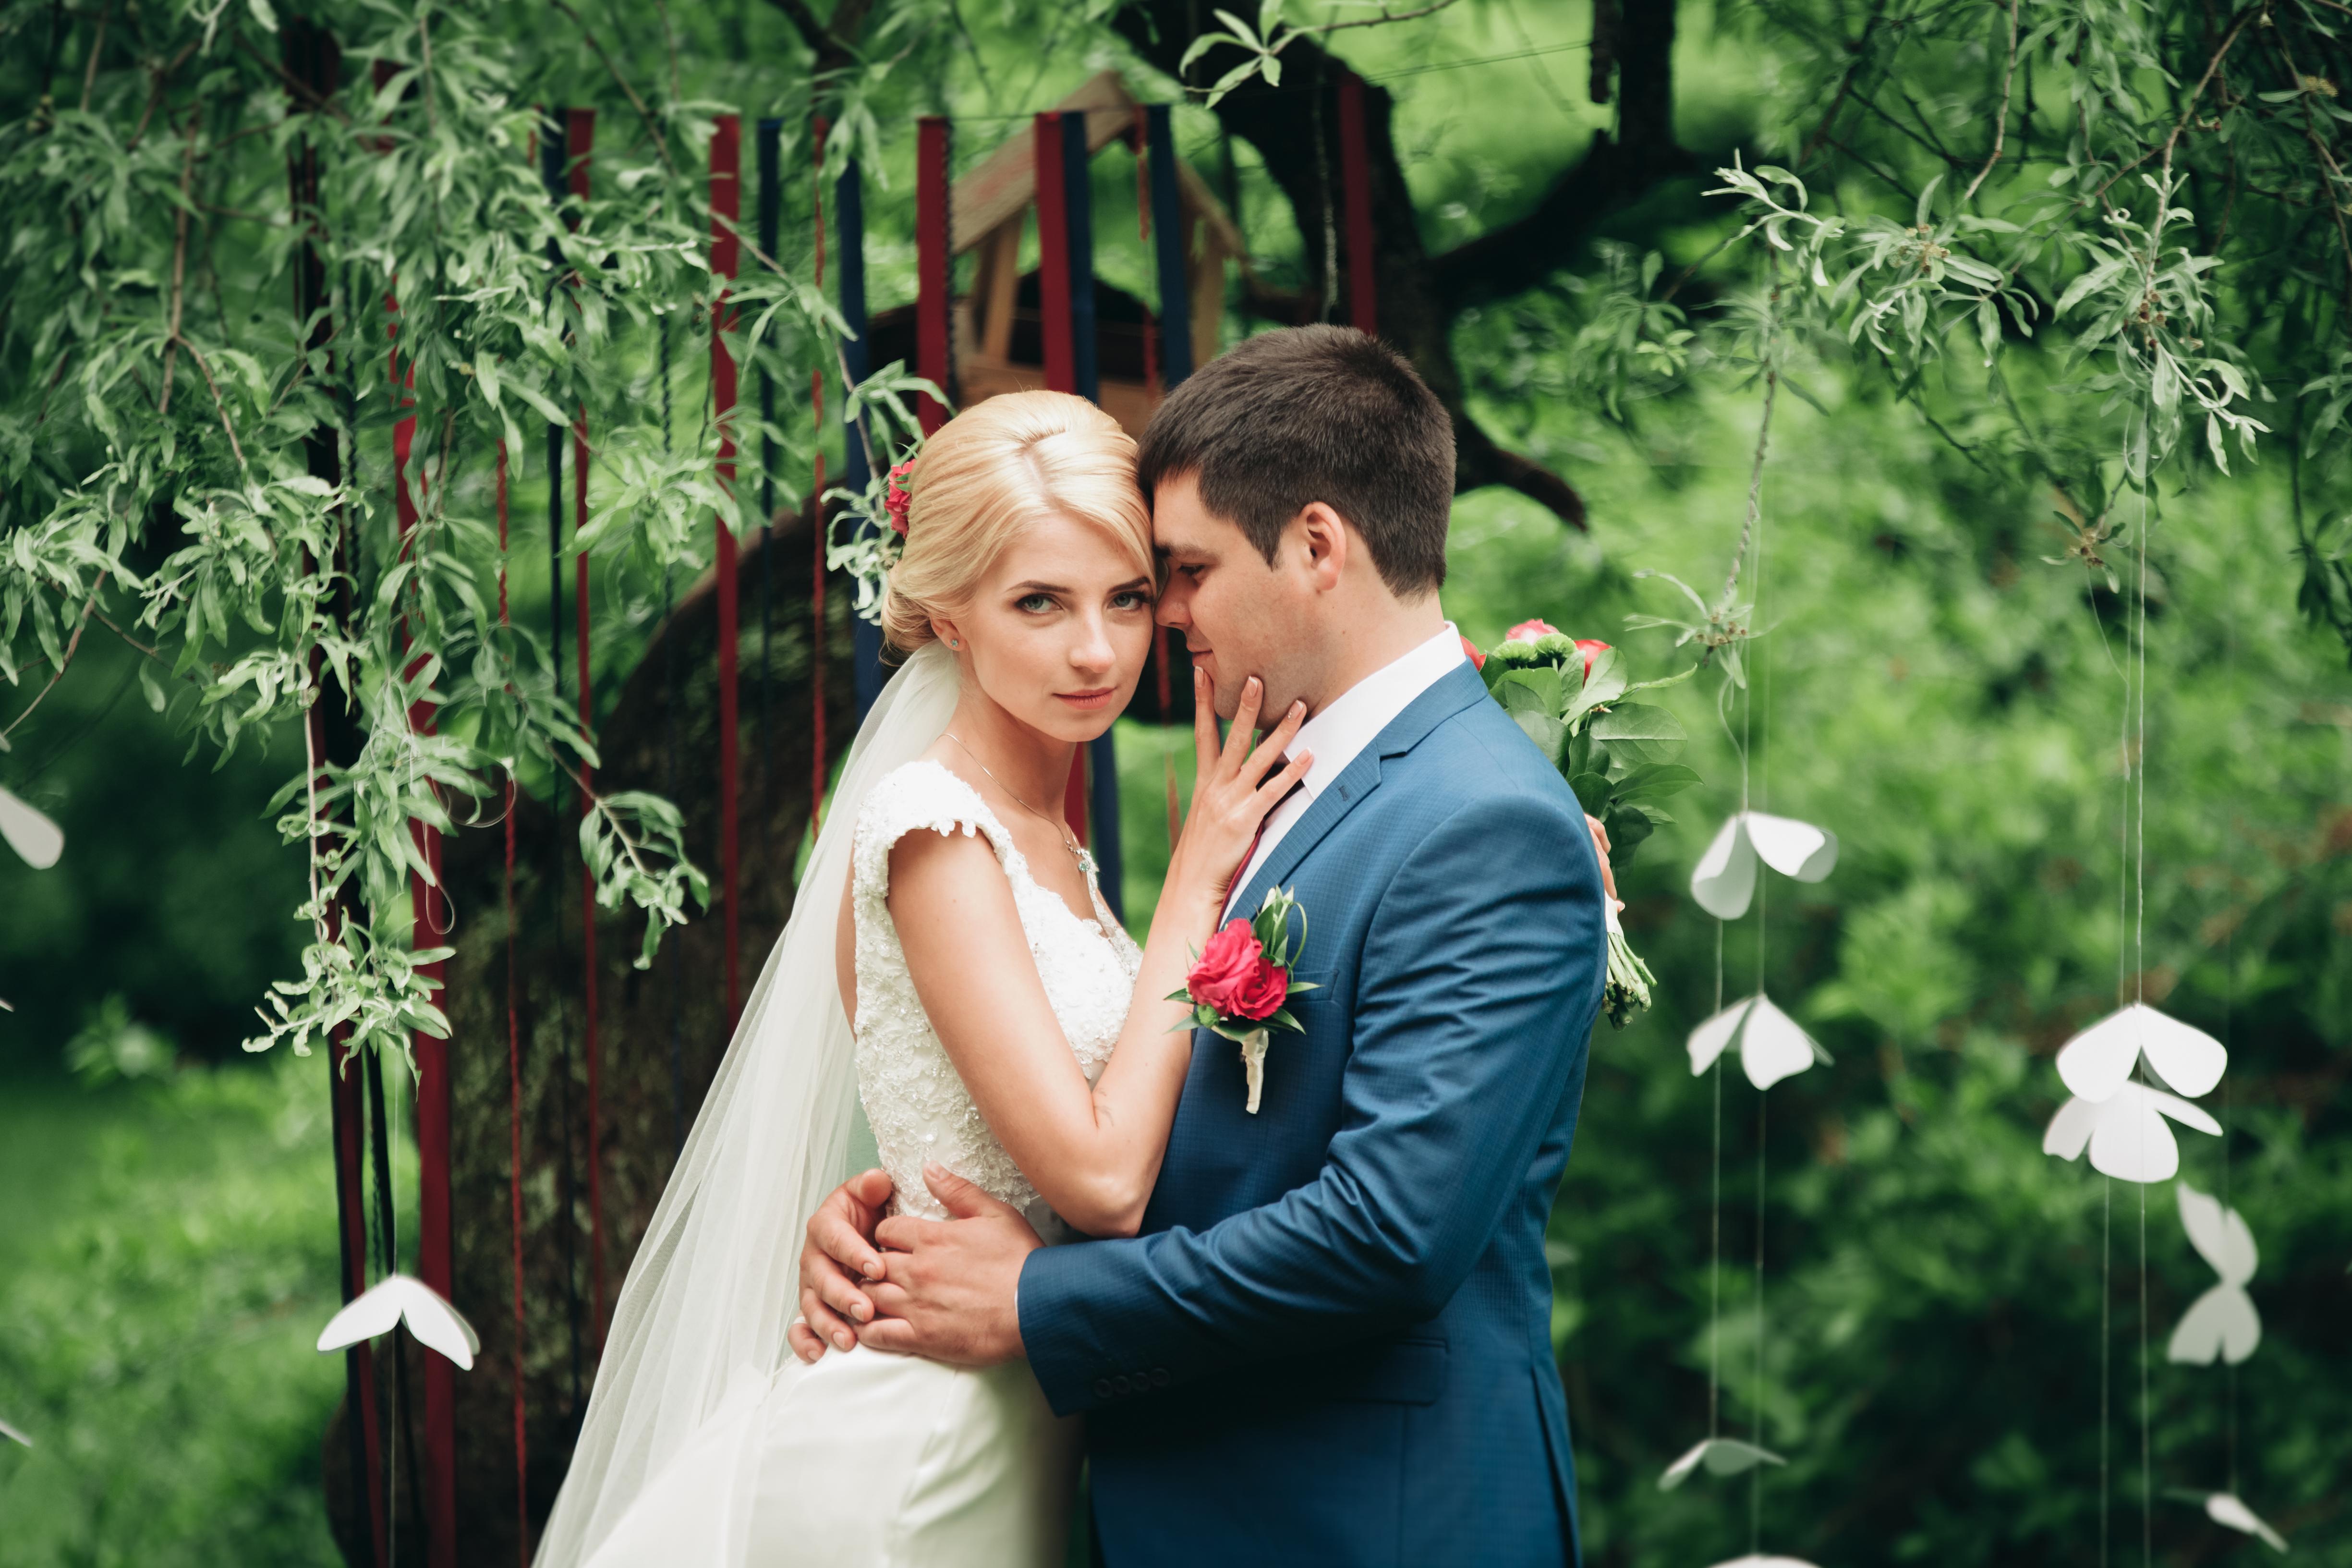 Брак, как возможность получить гражданство Испании для иностранцев